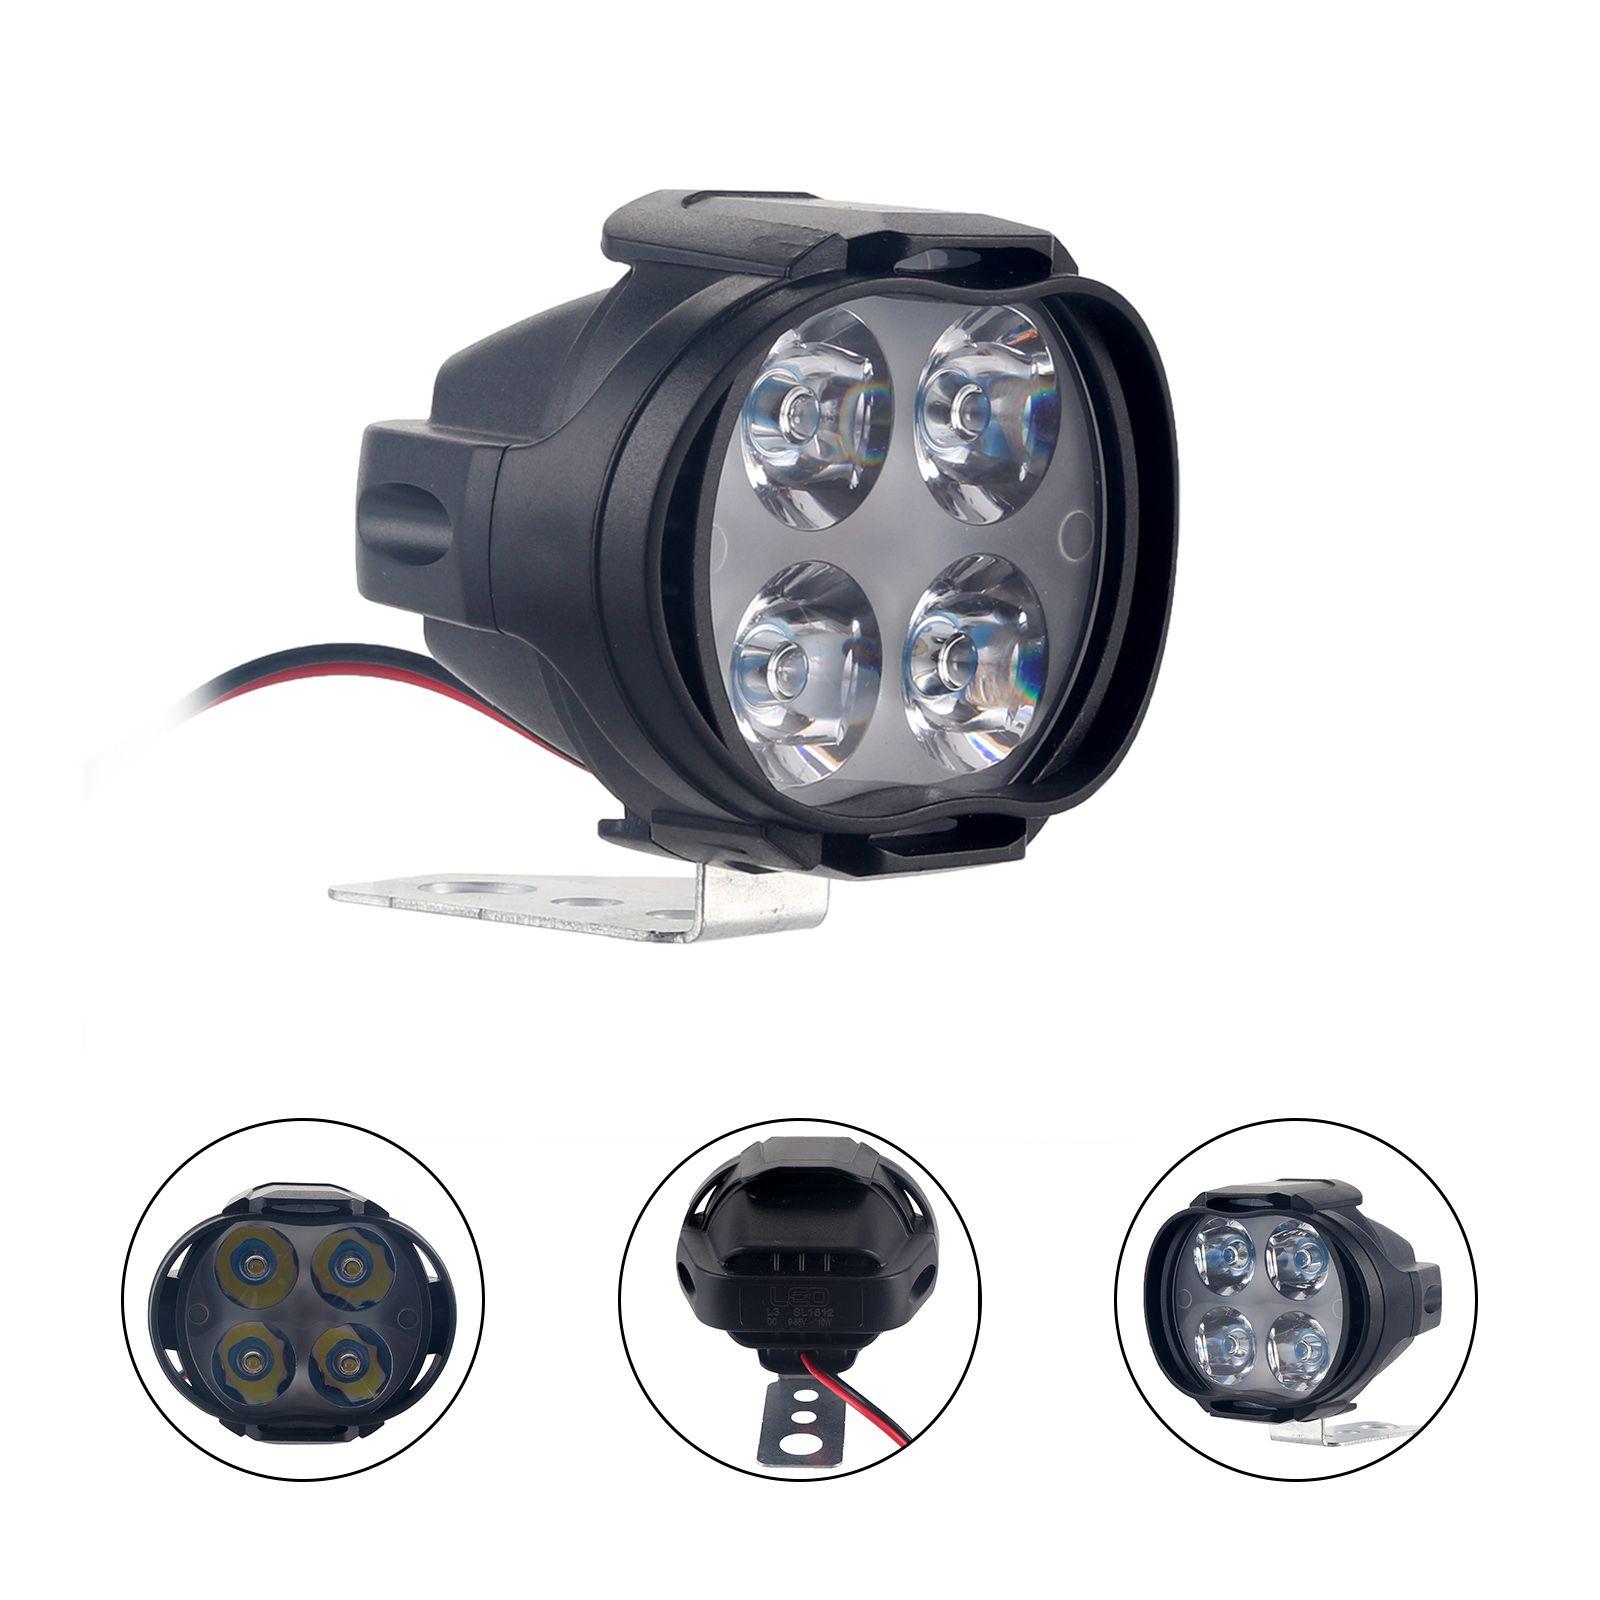 High Power 12w Super Bright Motorcycle Led Light Fog Spot White Headlight Working Light 12v Deco Moto Led Moto